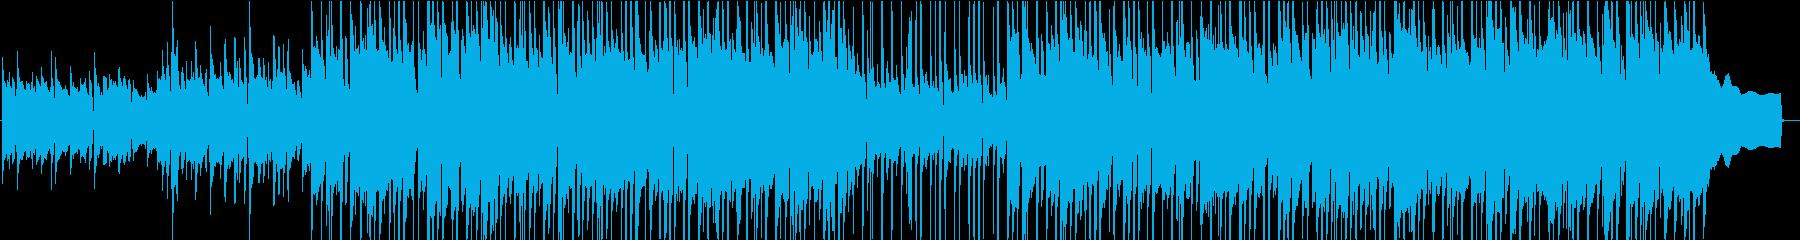 穏やかな日常をイメージしたBGMの再生済みの波形